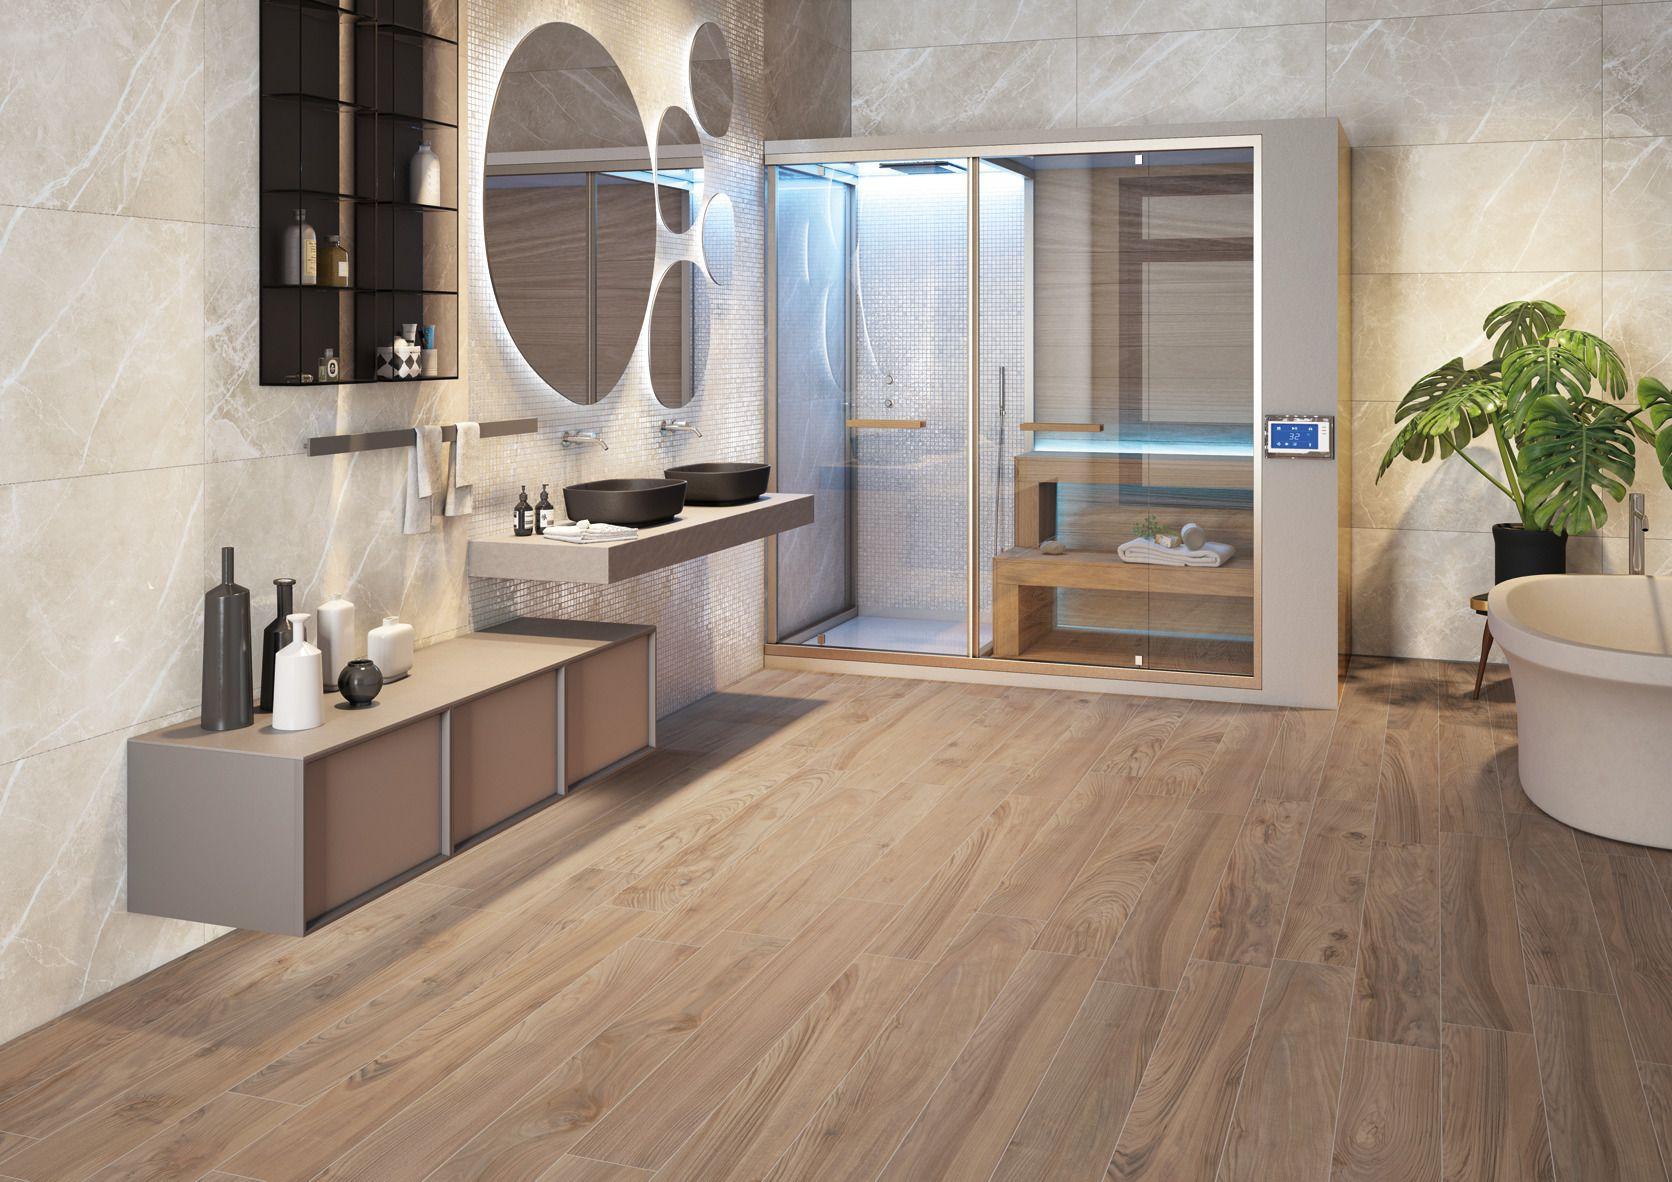 Un bagno moderno che abbina ad un arredo moderno e al